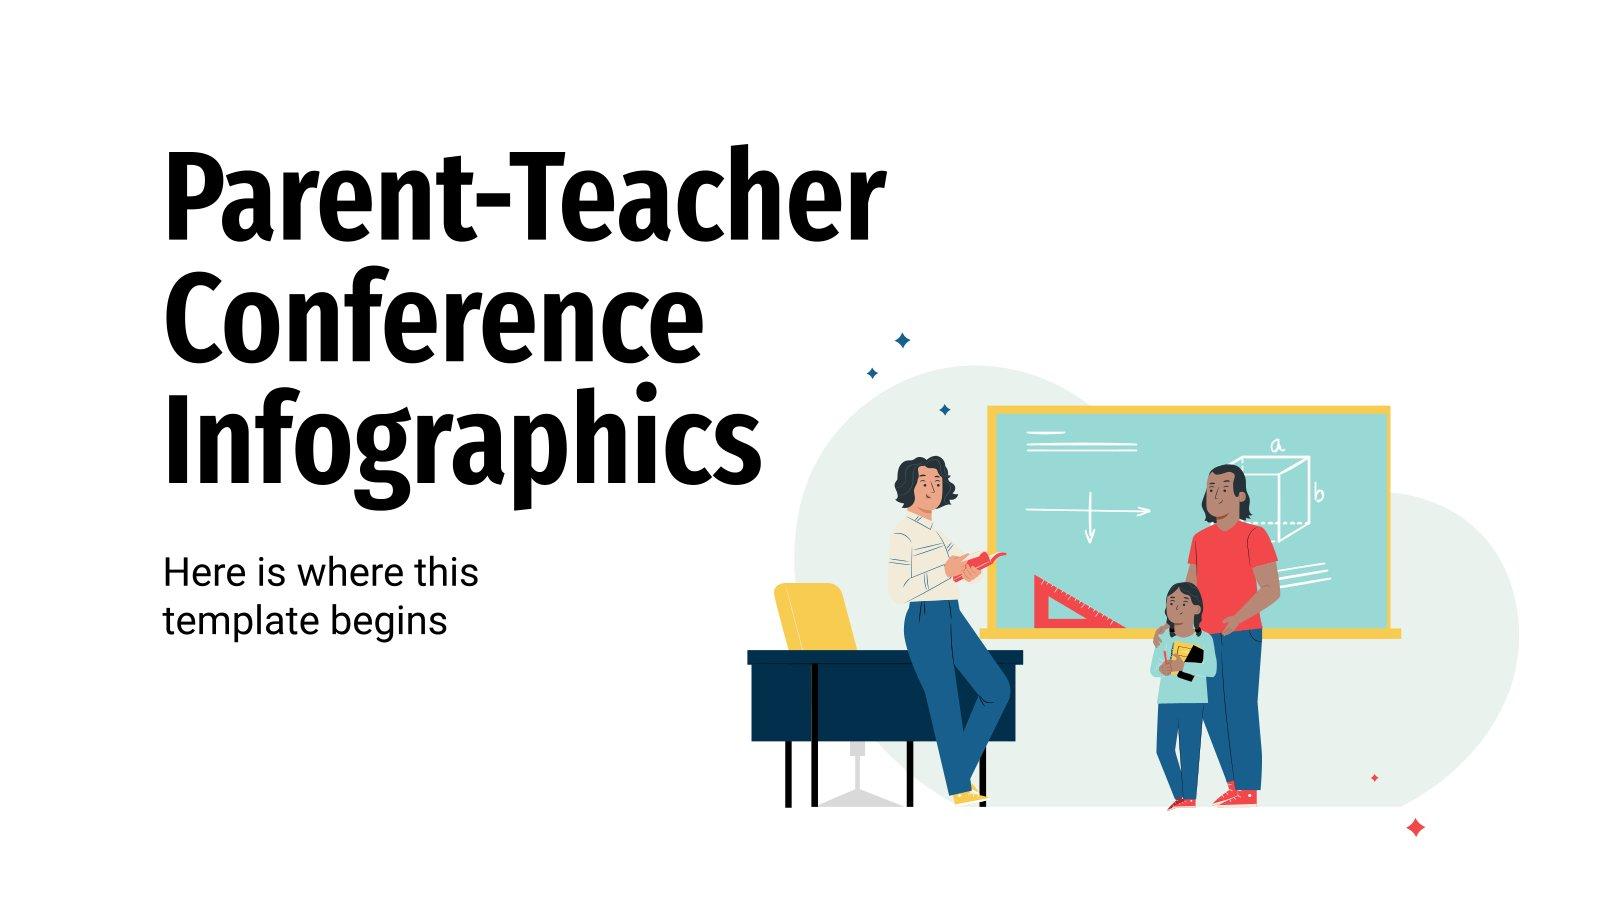 Modelo de apresentação Infográficos de conferência pai-professor